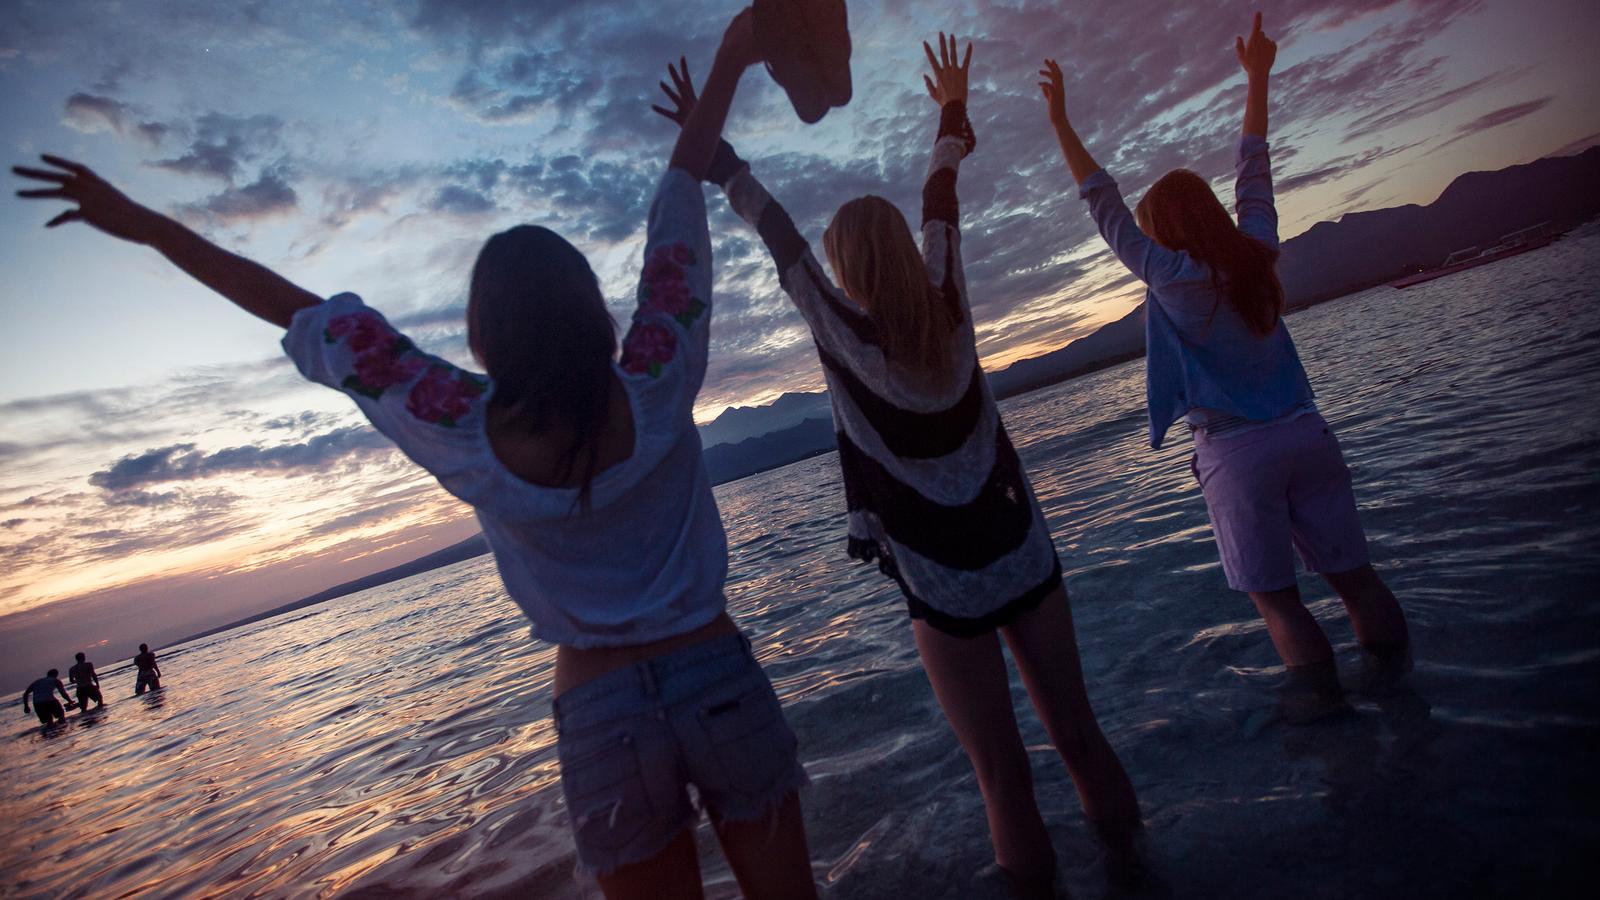 Bali Erlebnisreise in der Gruppe preiswert reisen Indonesien traveljunkies